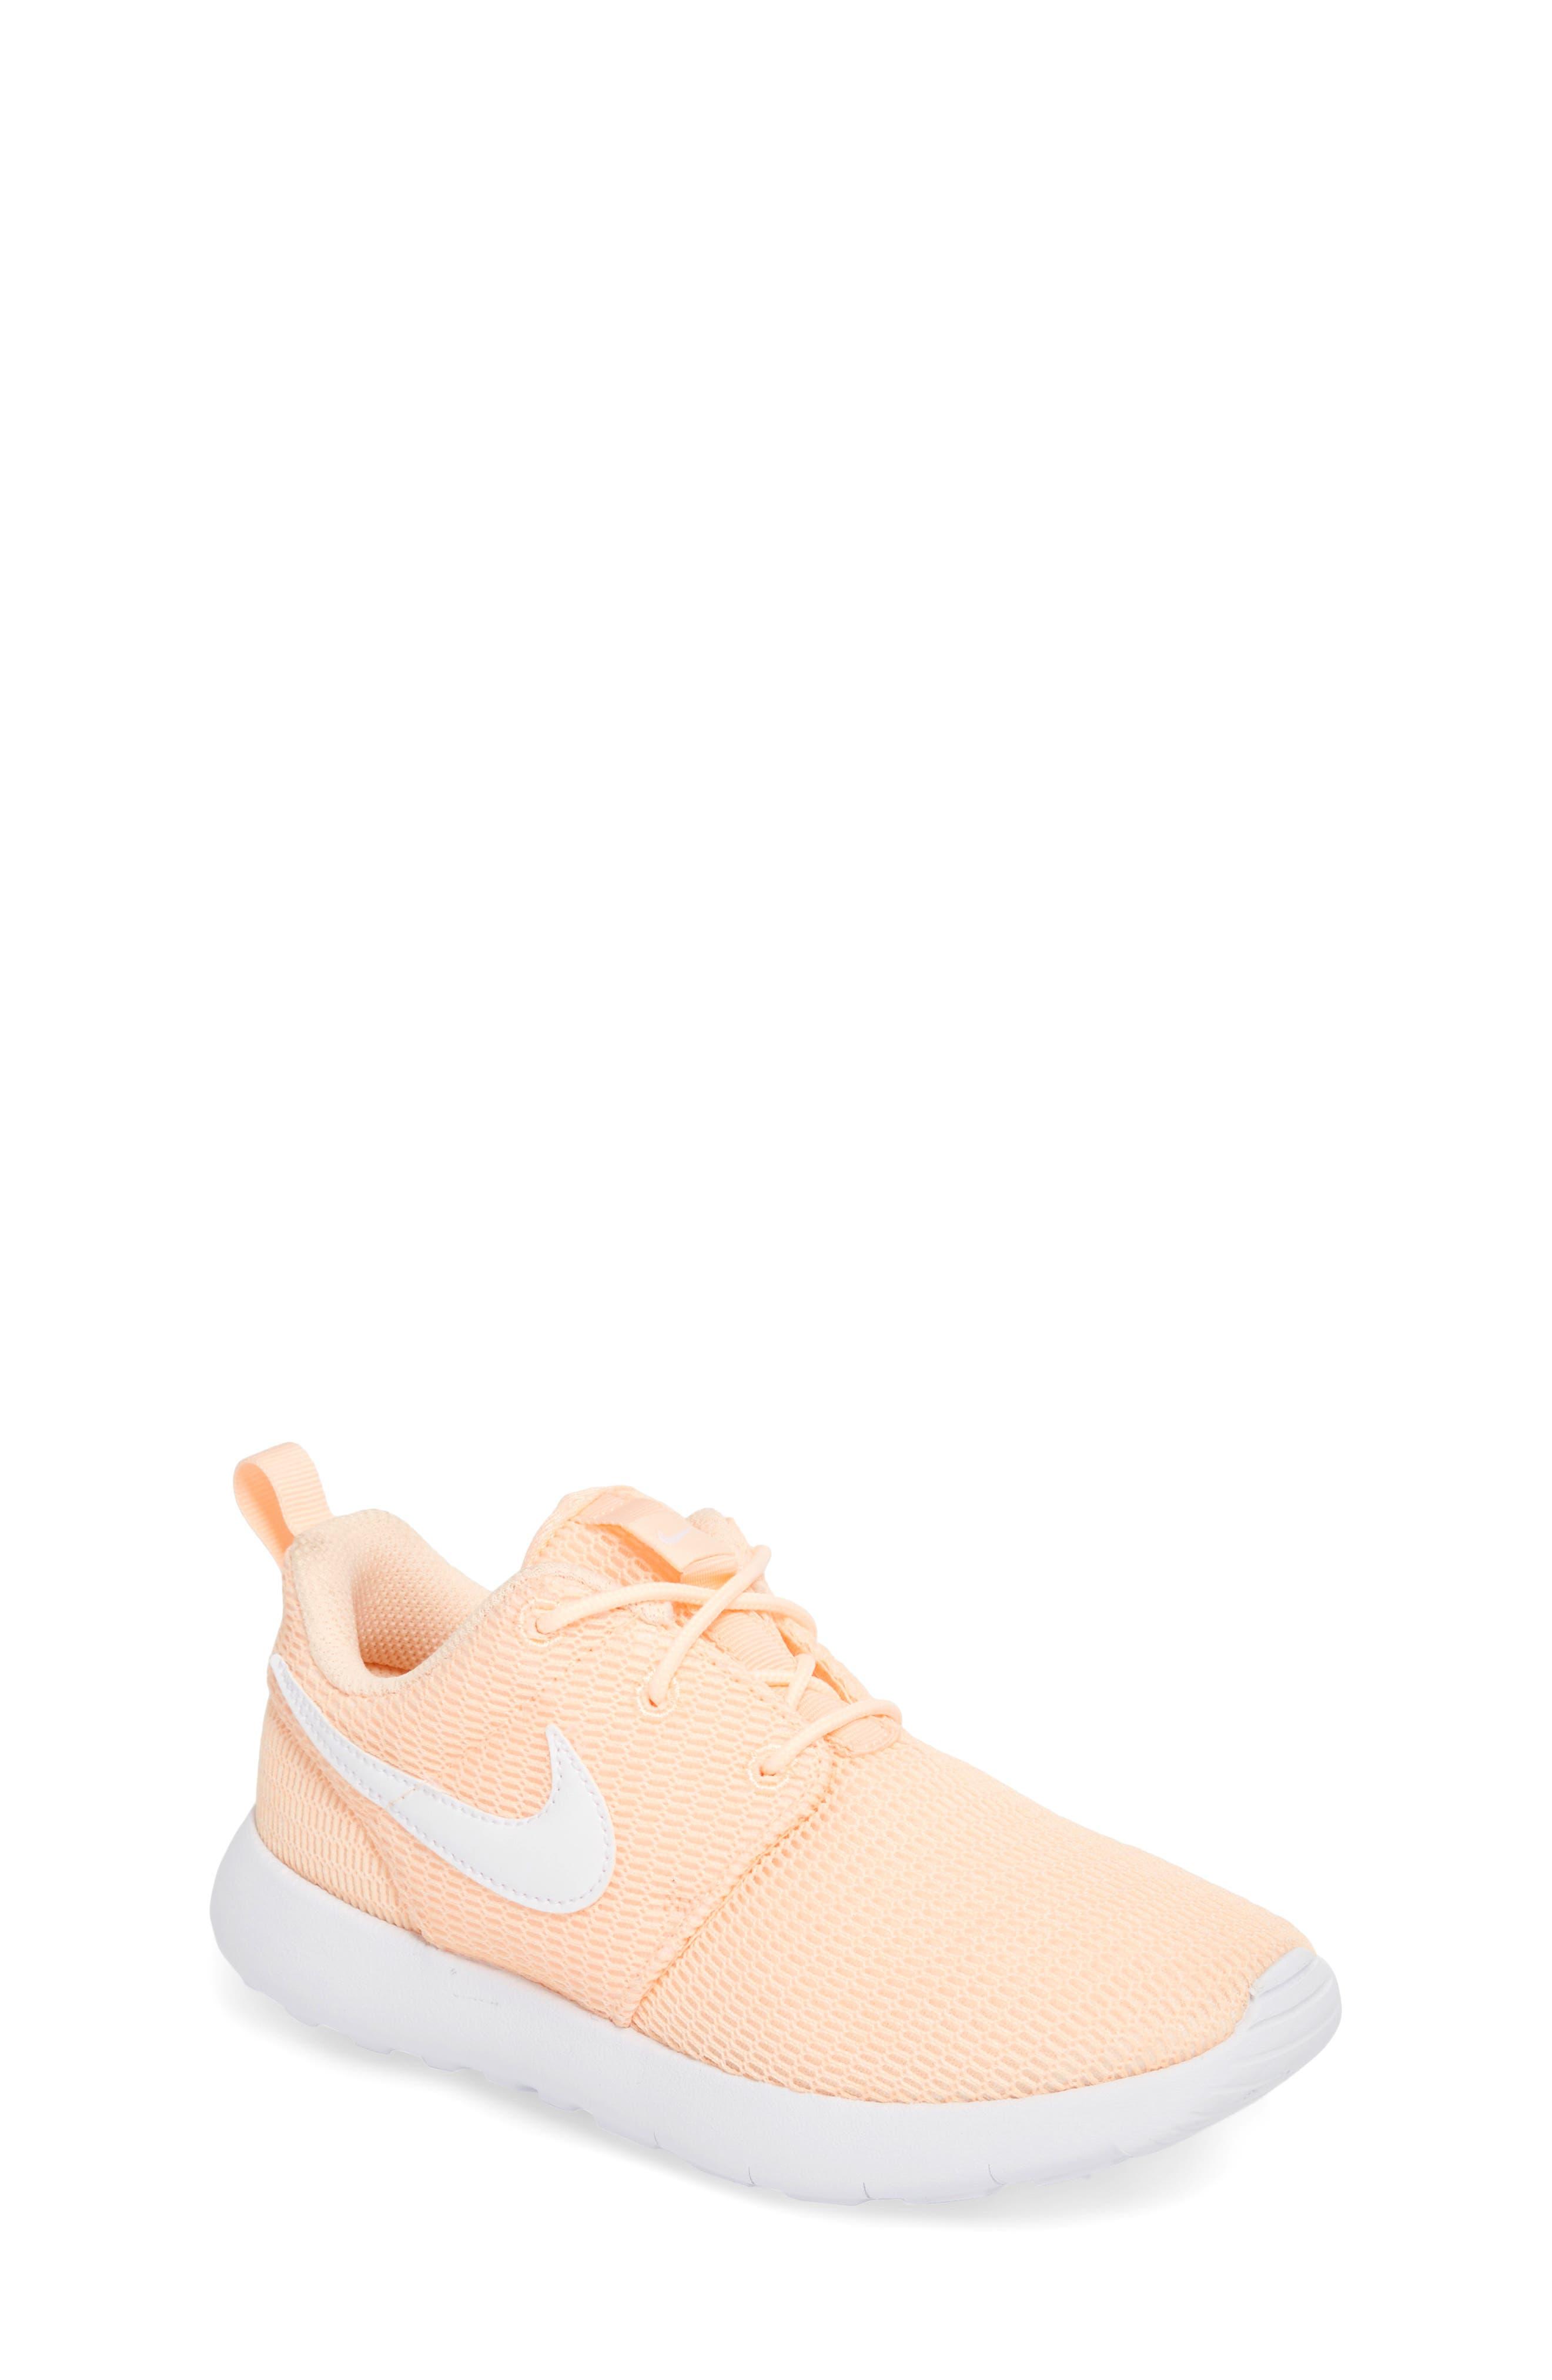 'Roshe Run' Athletic Shoe,                             Main thumbnail 1, color,                             Crimson Tint/ White